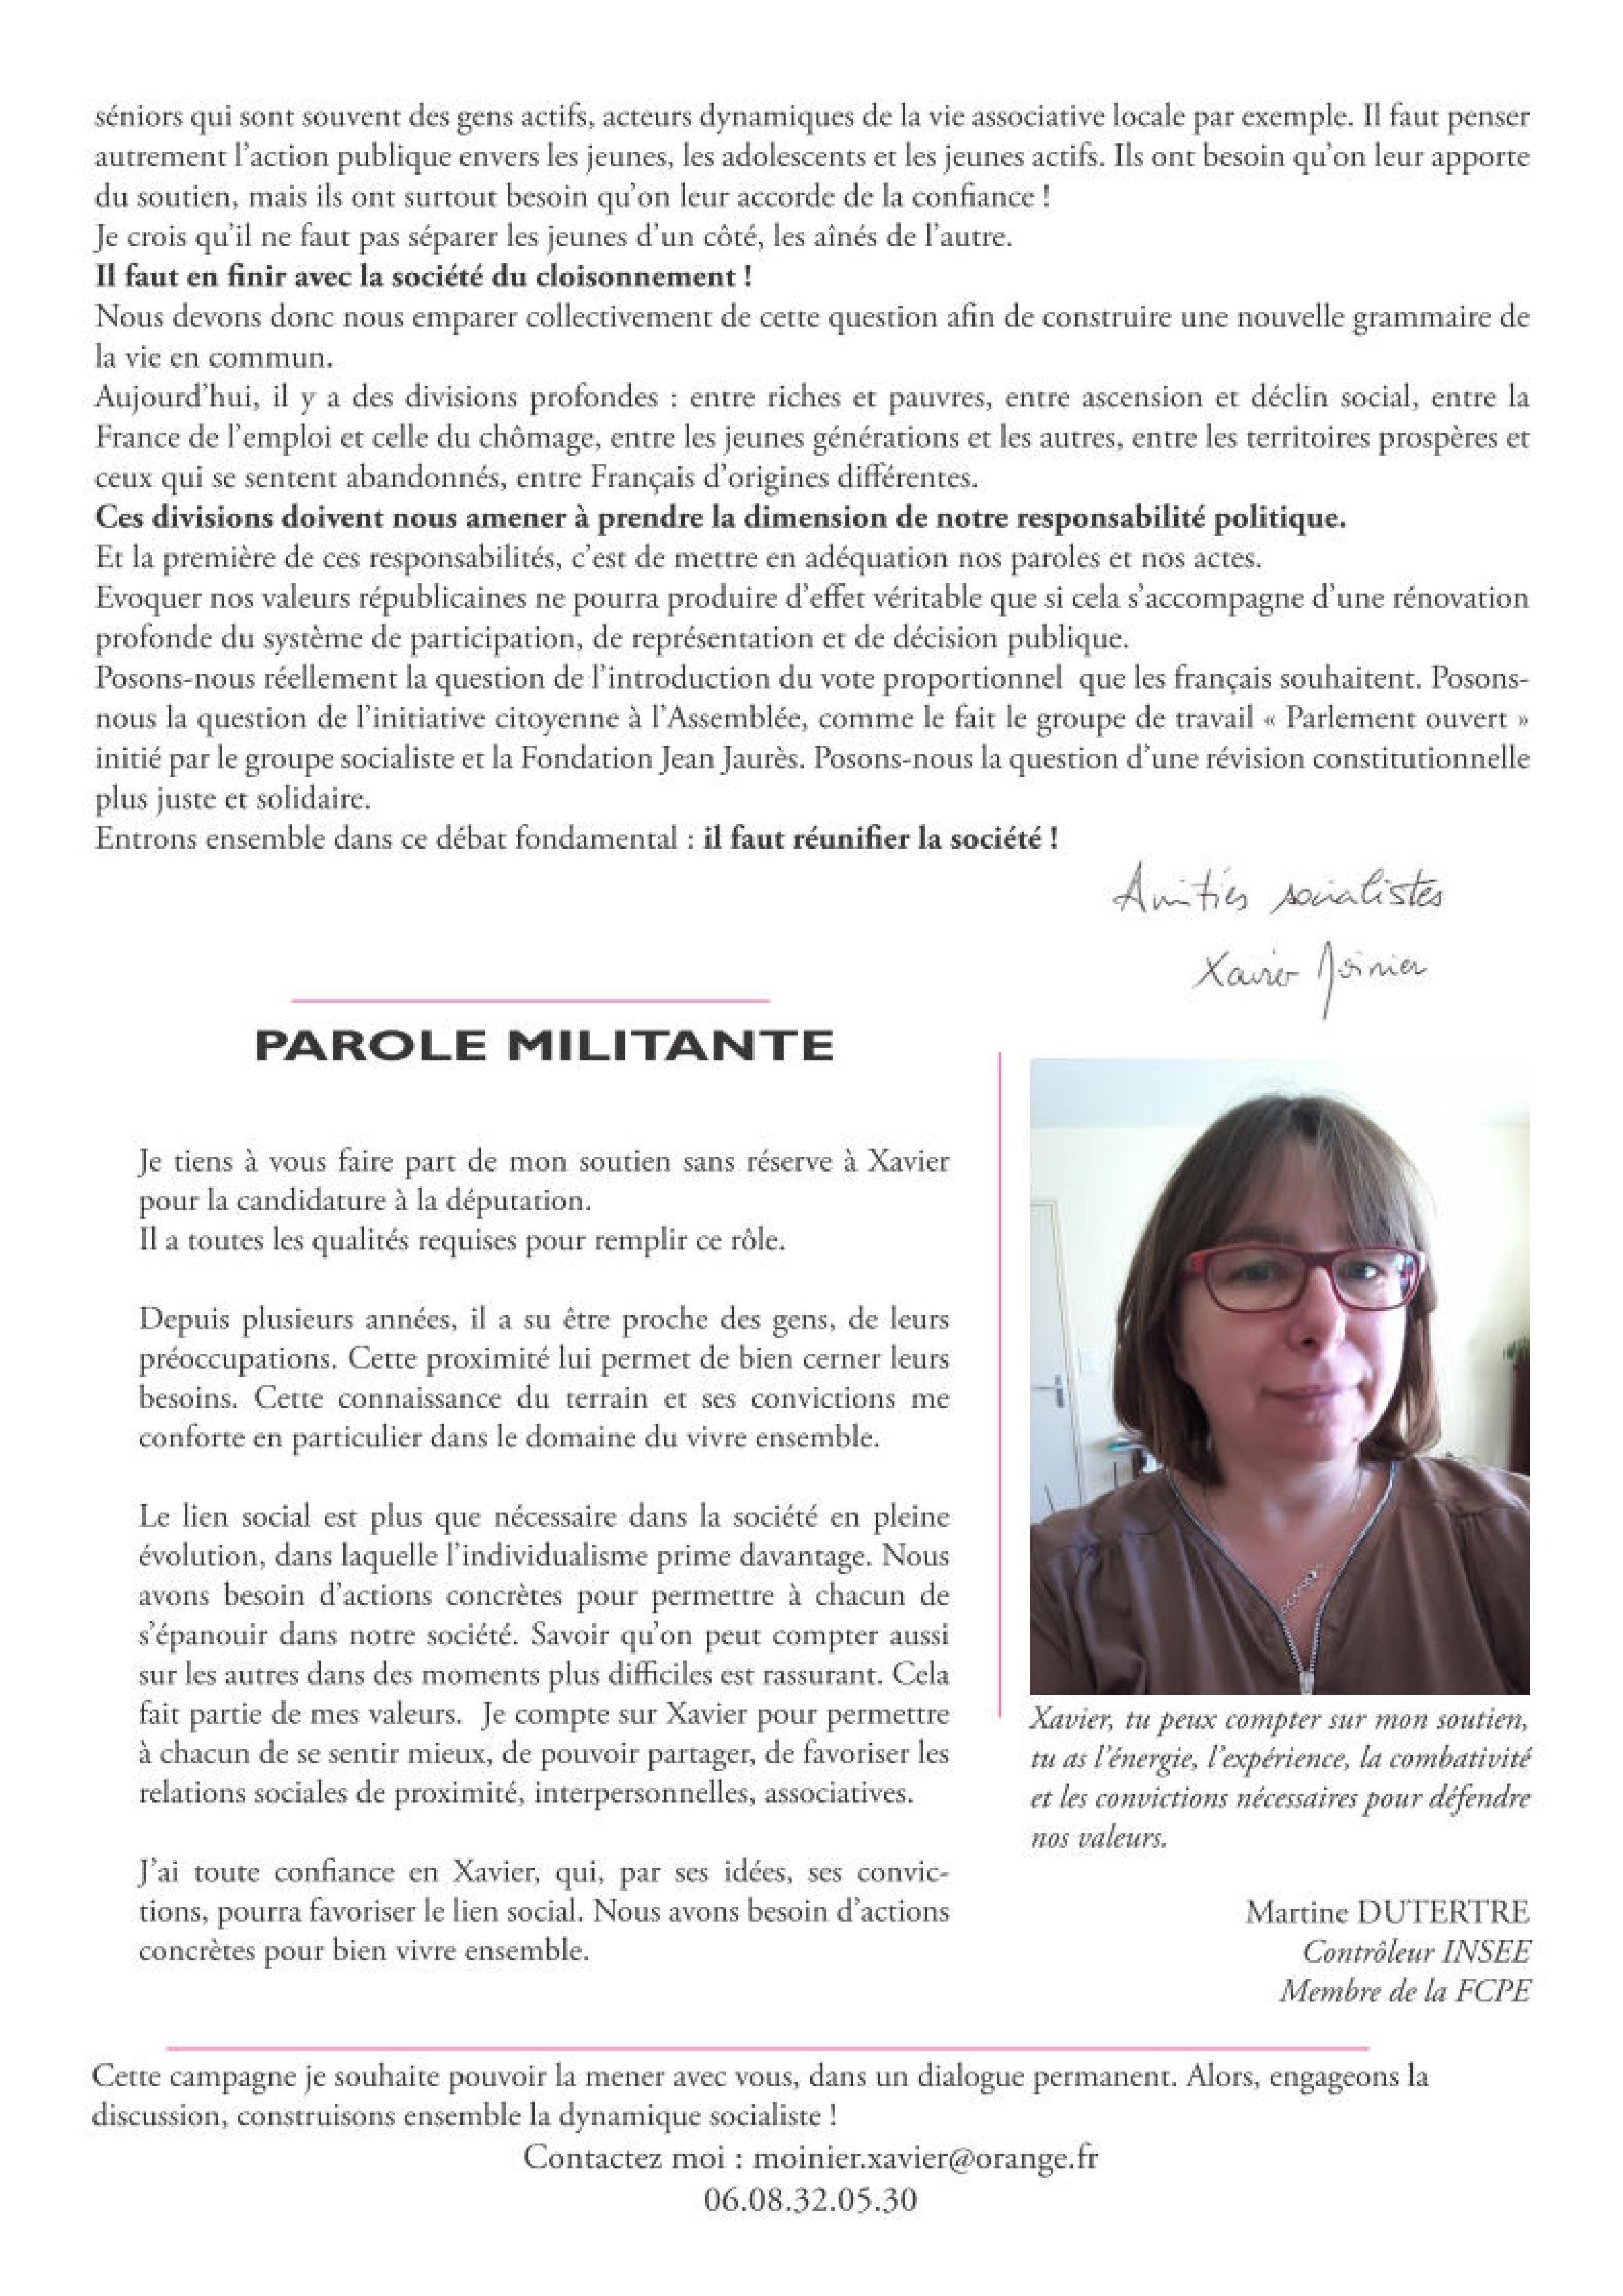 xaviermoinier-fr-lettre-aux-militants-4-page2